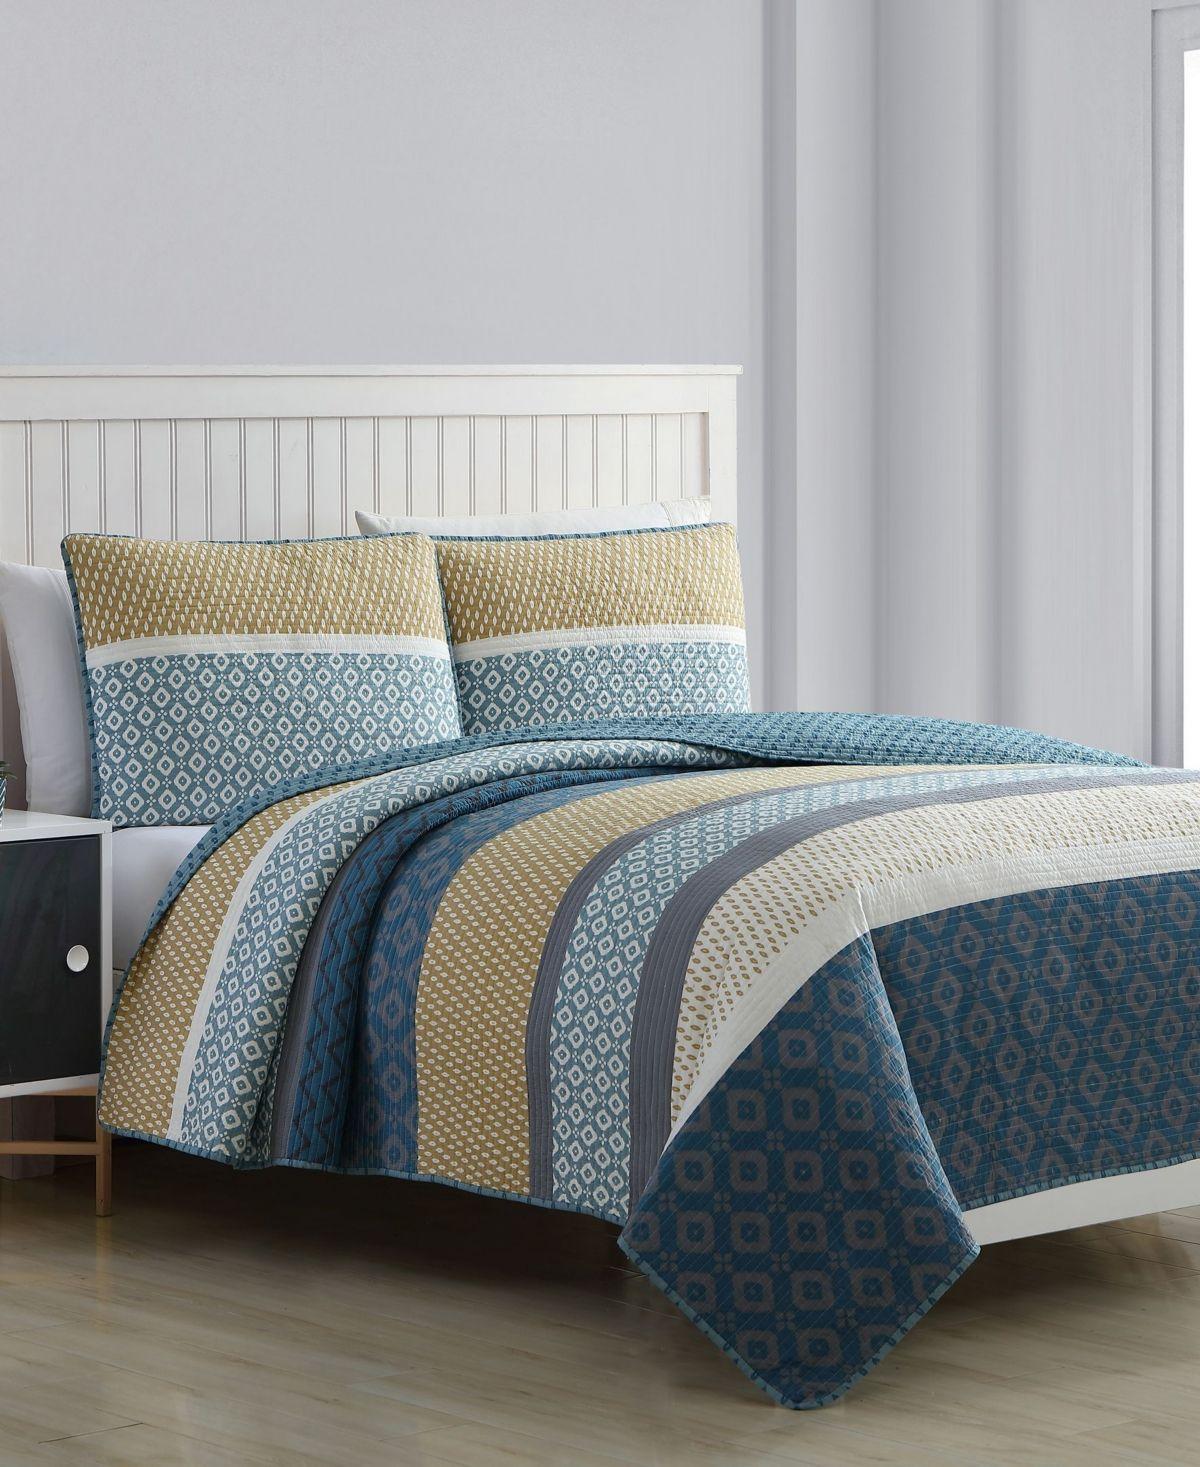 Estate Alexis 3 Piece Quilt Set Full Queen Blue Quilt Sets House Styles Quilt Sets Blue